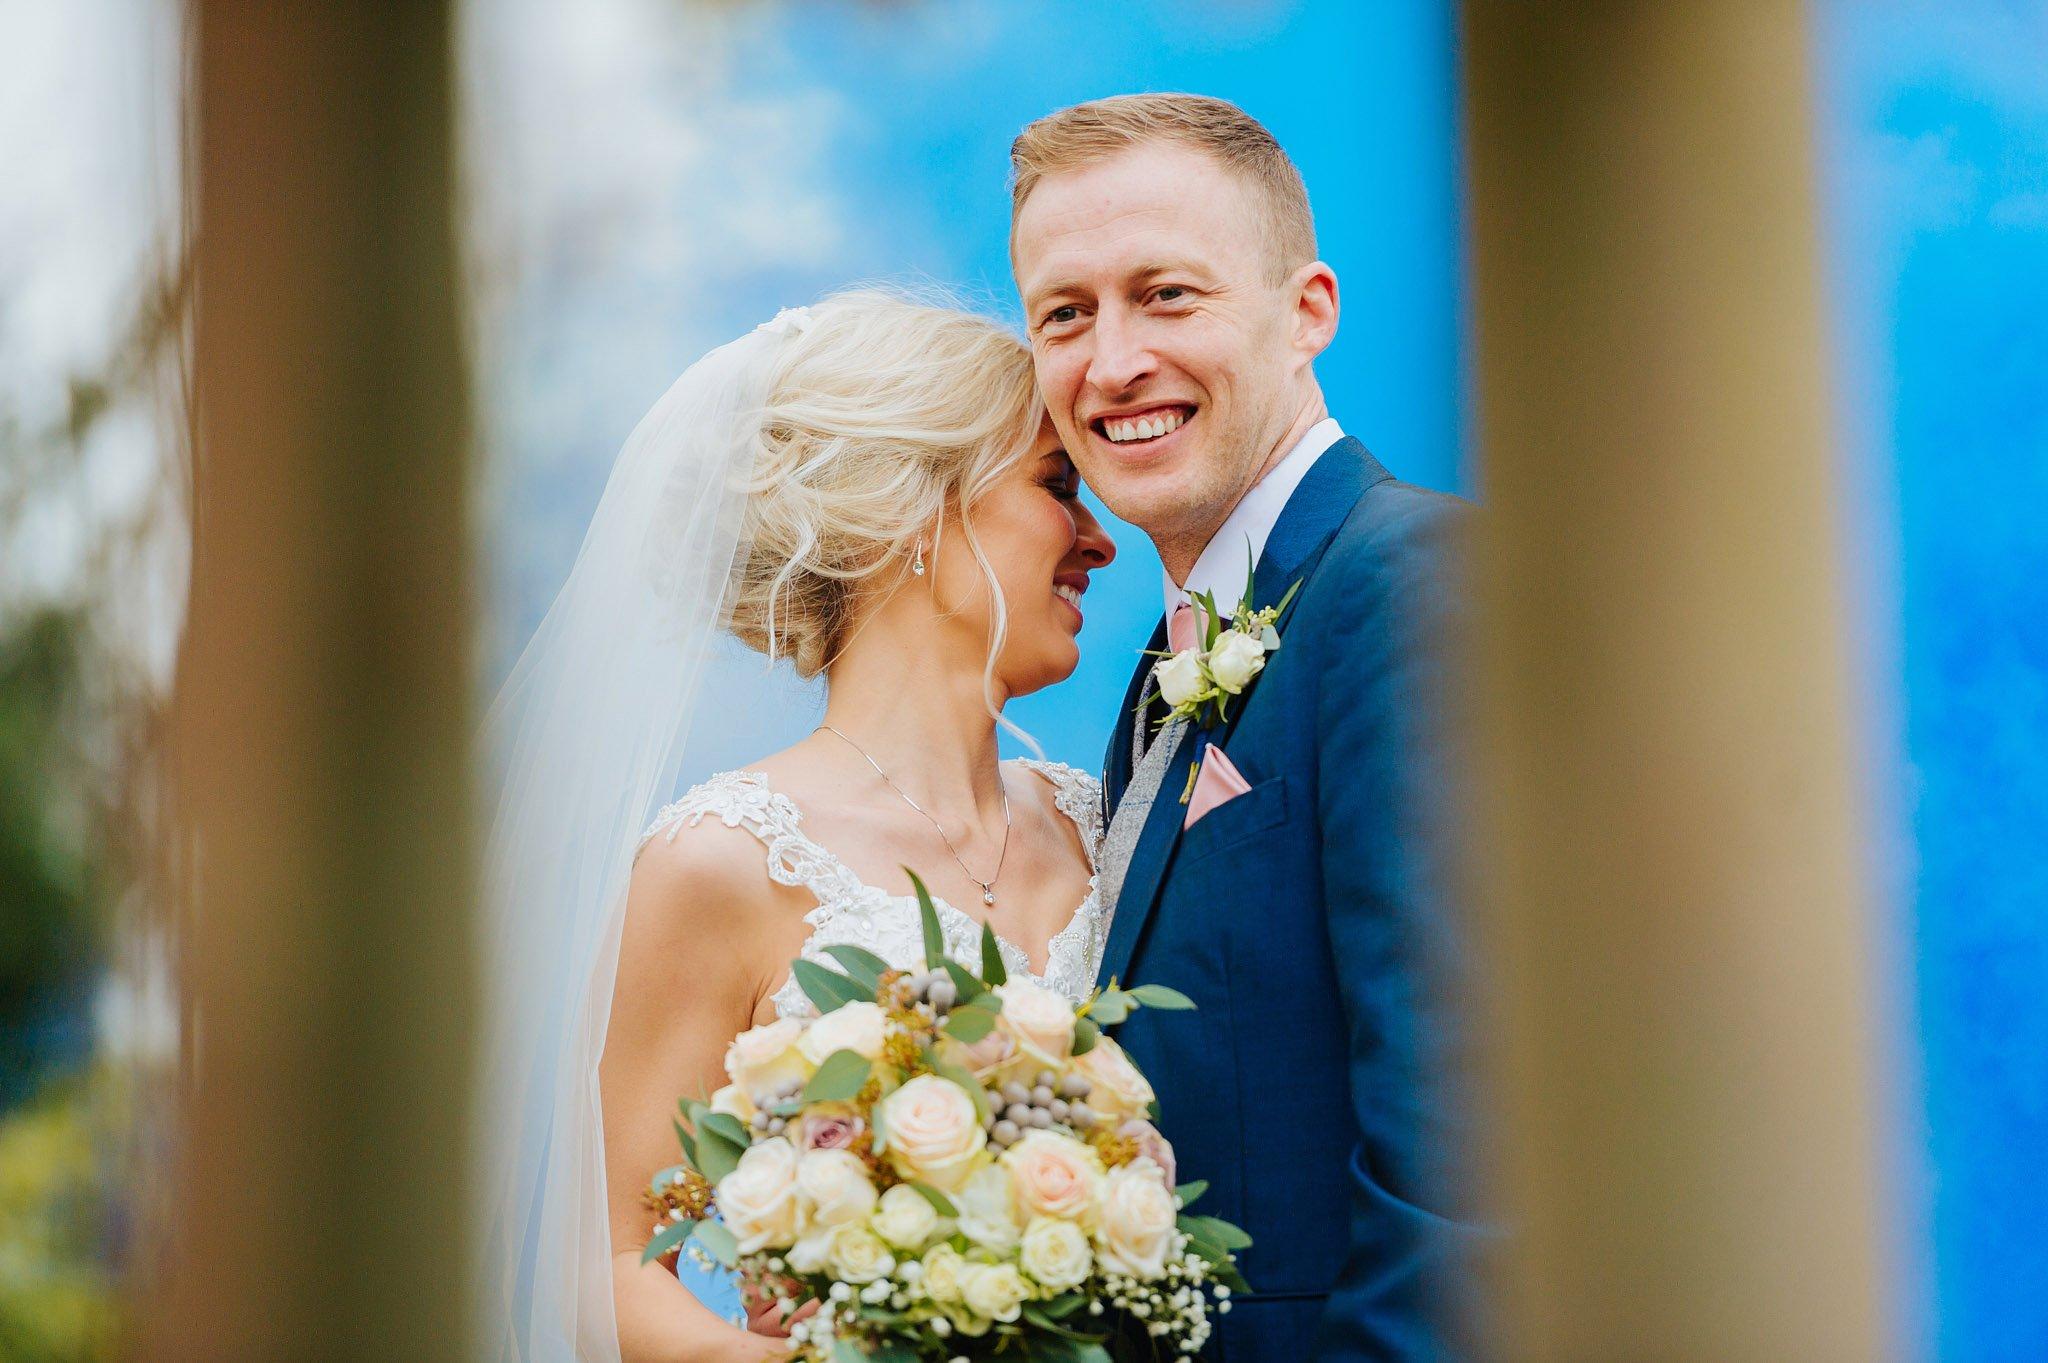 Lemore Manor wedding, Herefordshire - West Midlands | Sadie + Ken 90